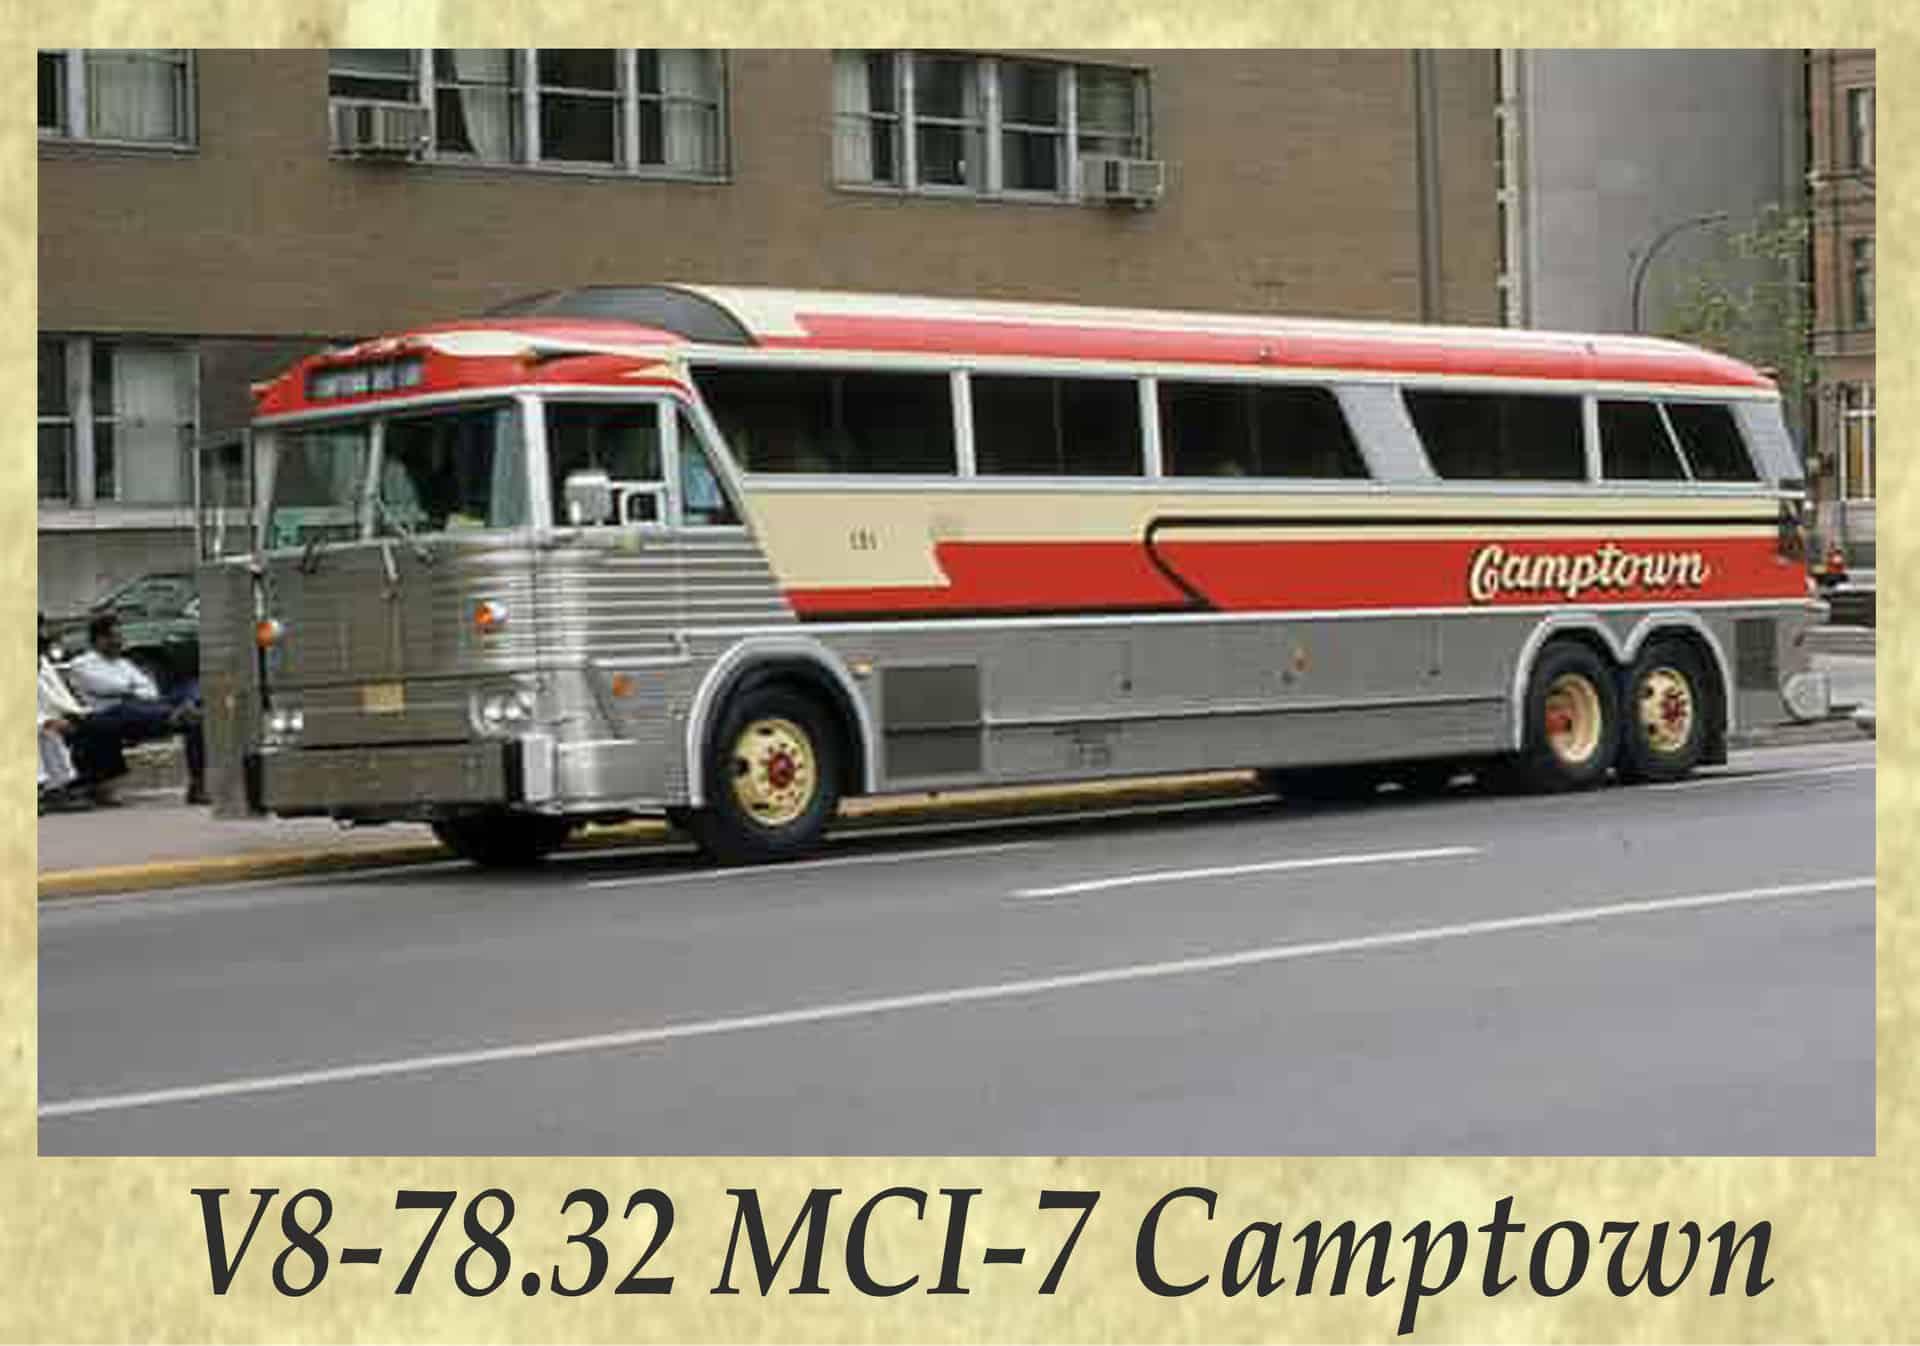 V8-78.32 MCI-7 Camptown